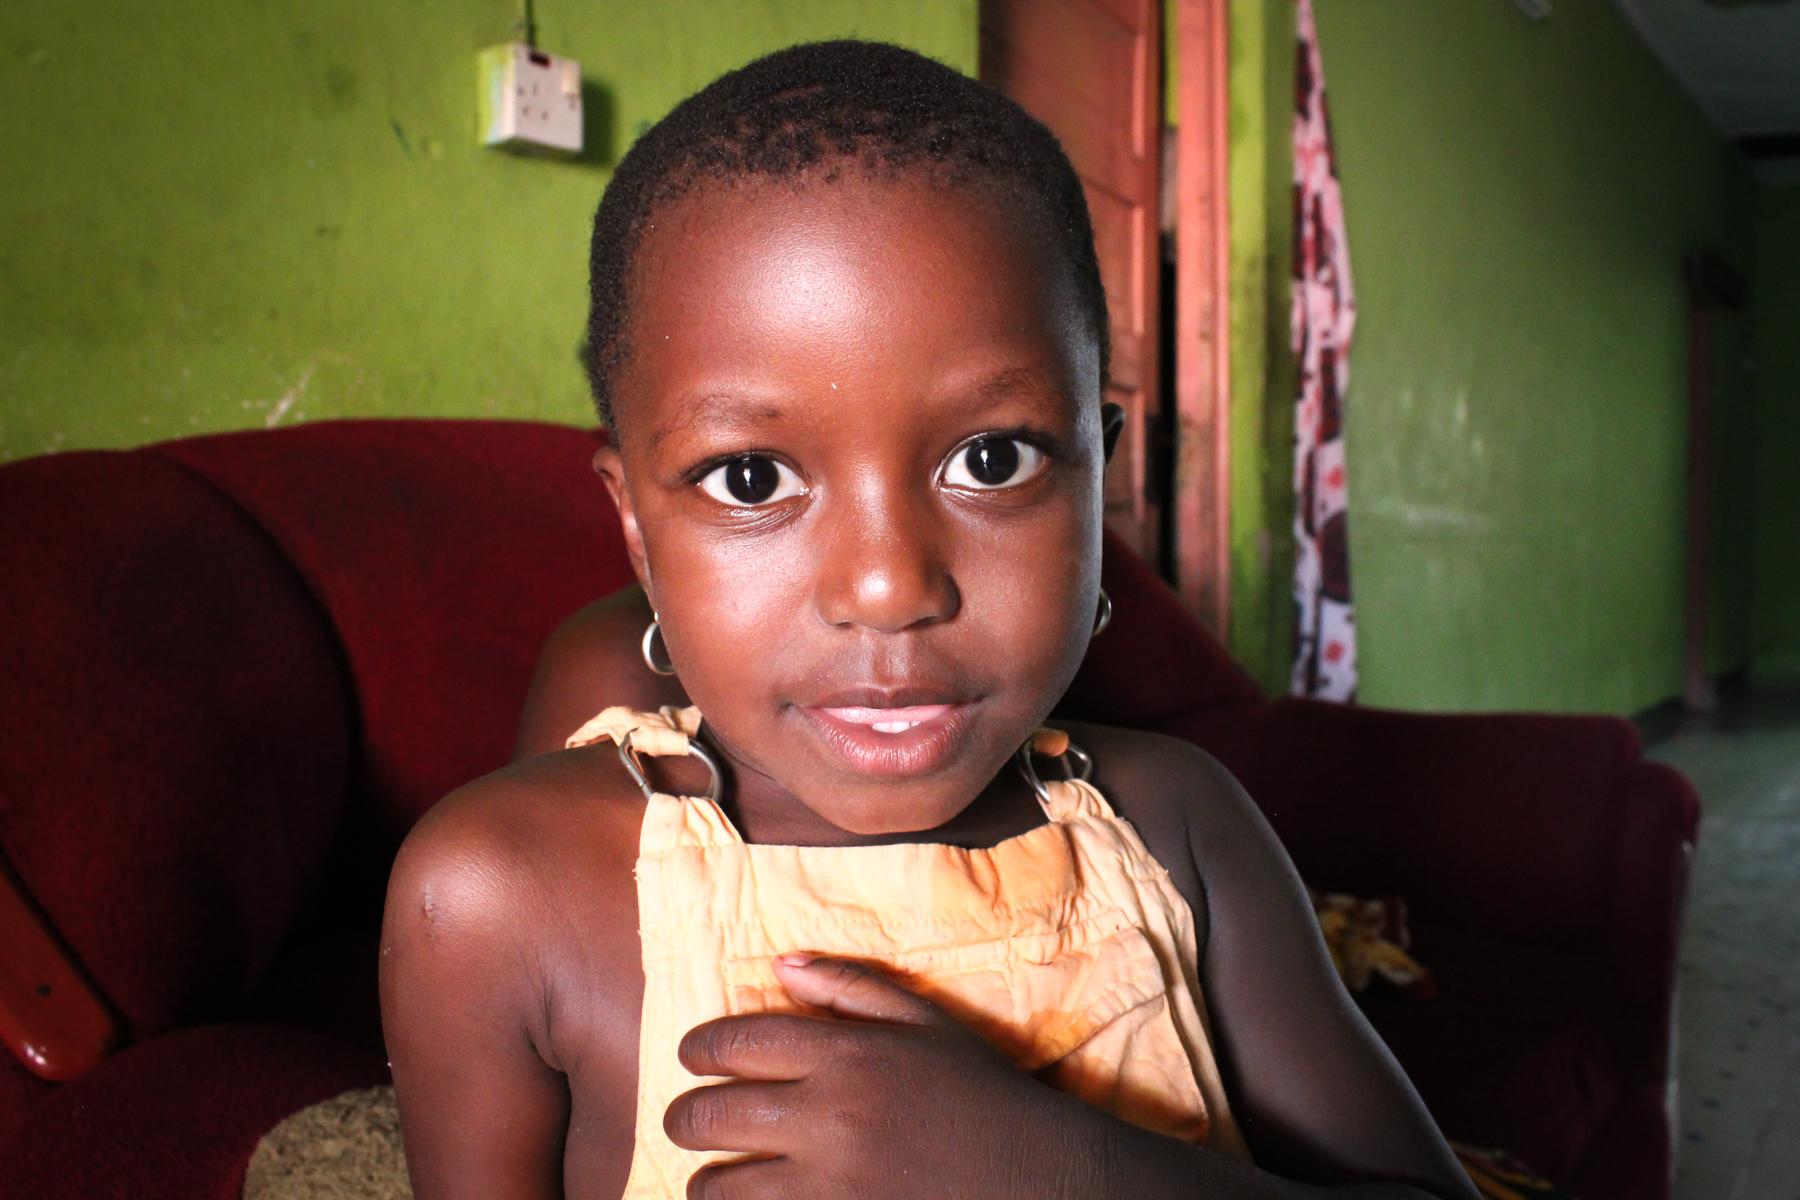 Mwalima-Bagamoyo